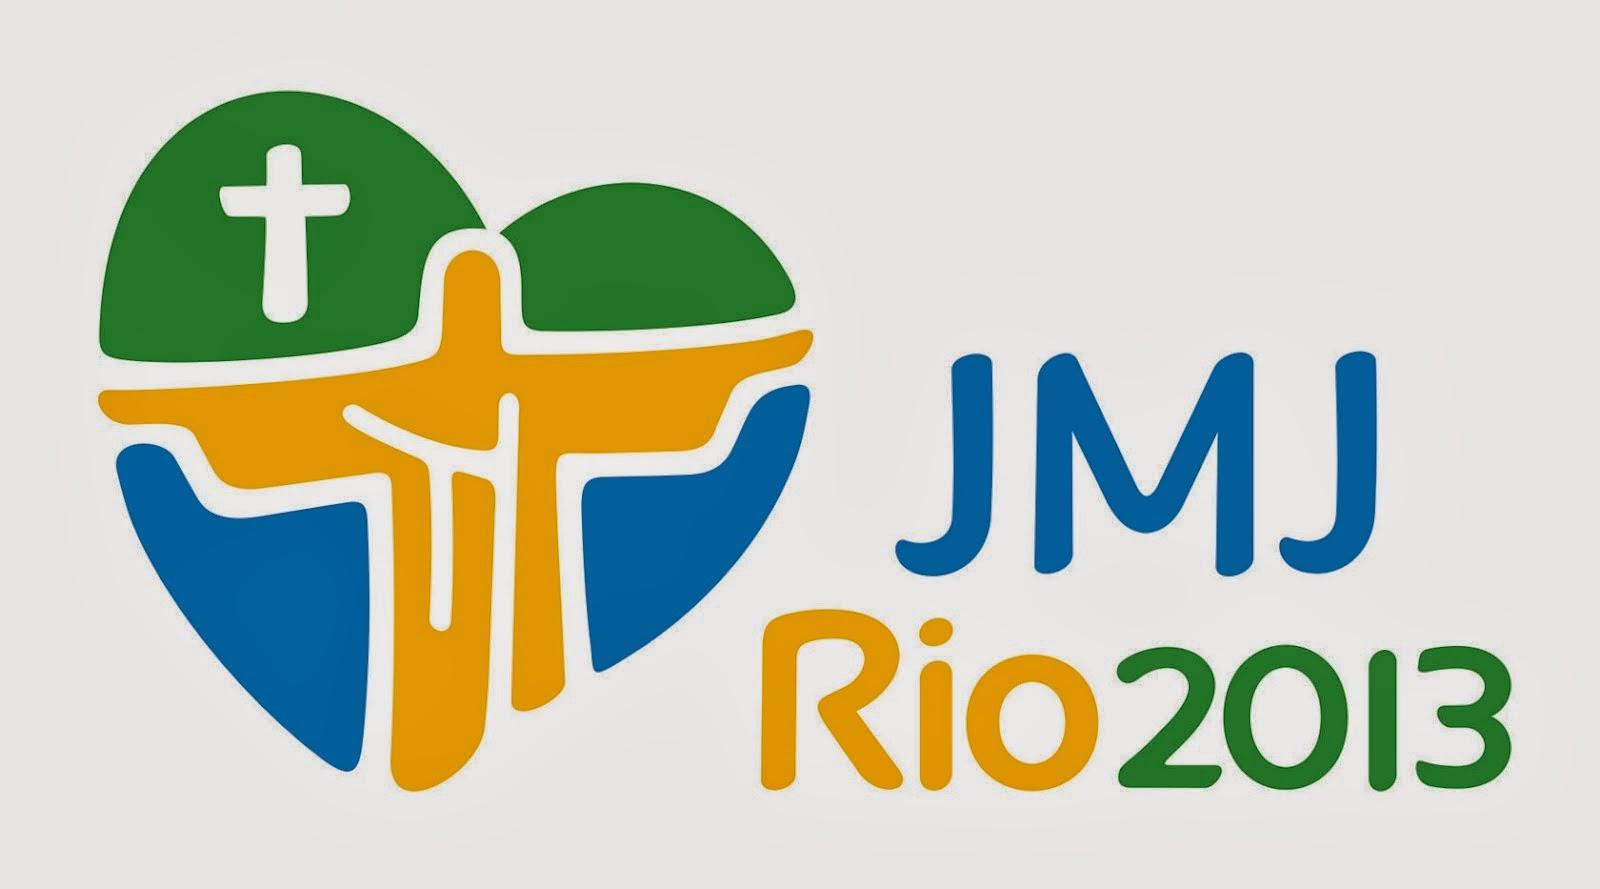 JMJ-Rio 2013